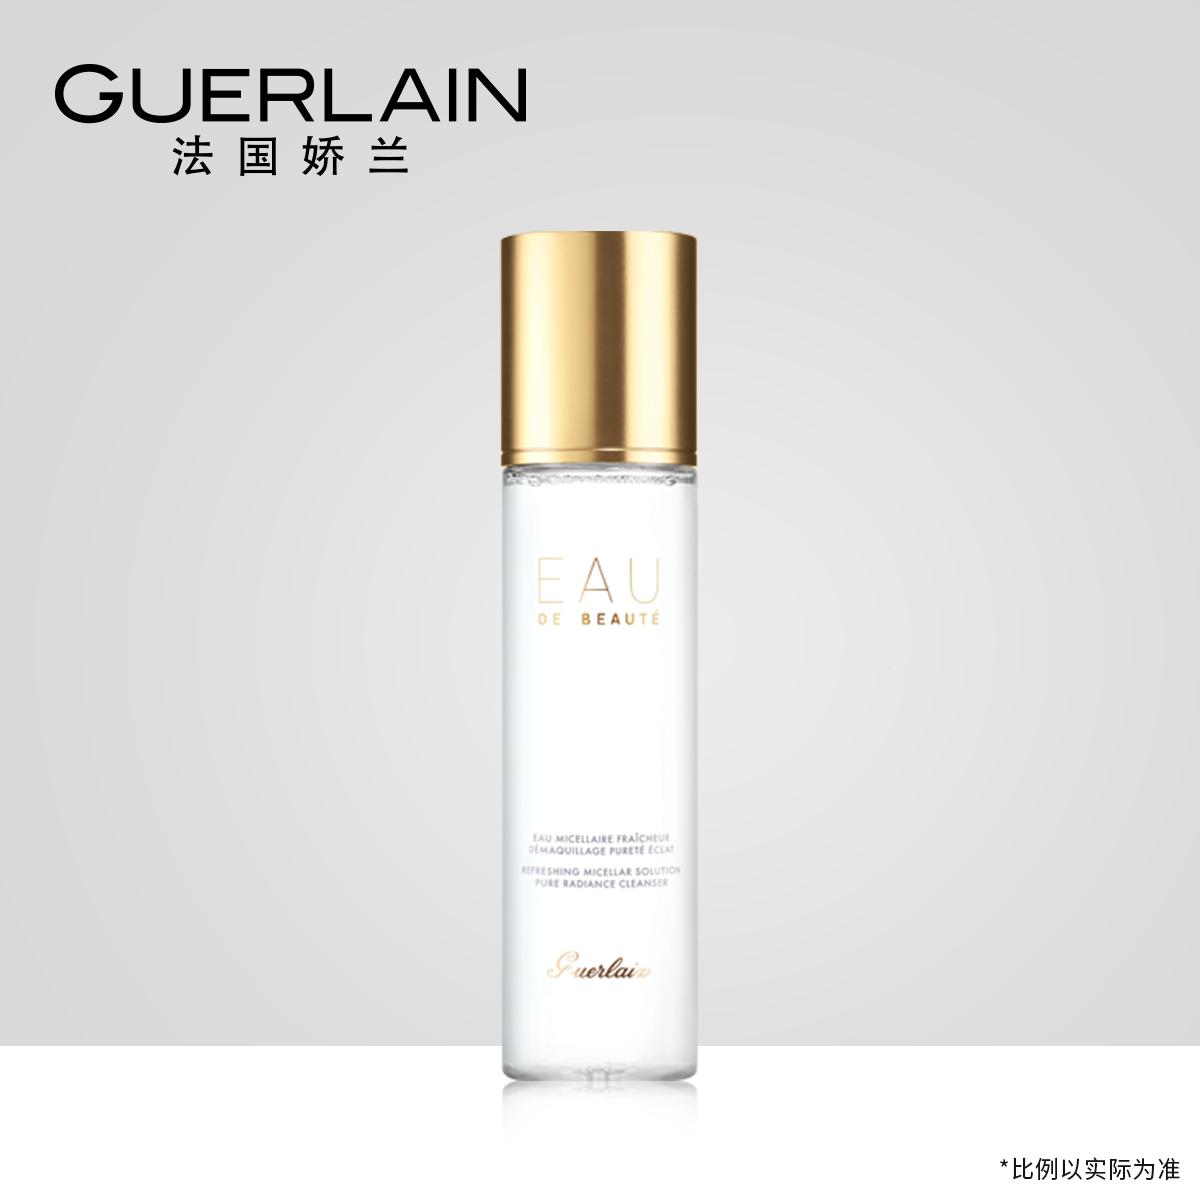 范冰冰代言娇兰纯净美肌亲肤卸妆水200ml 温和深层清洁